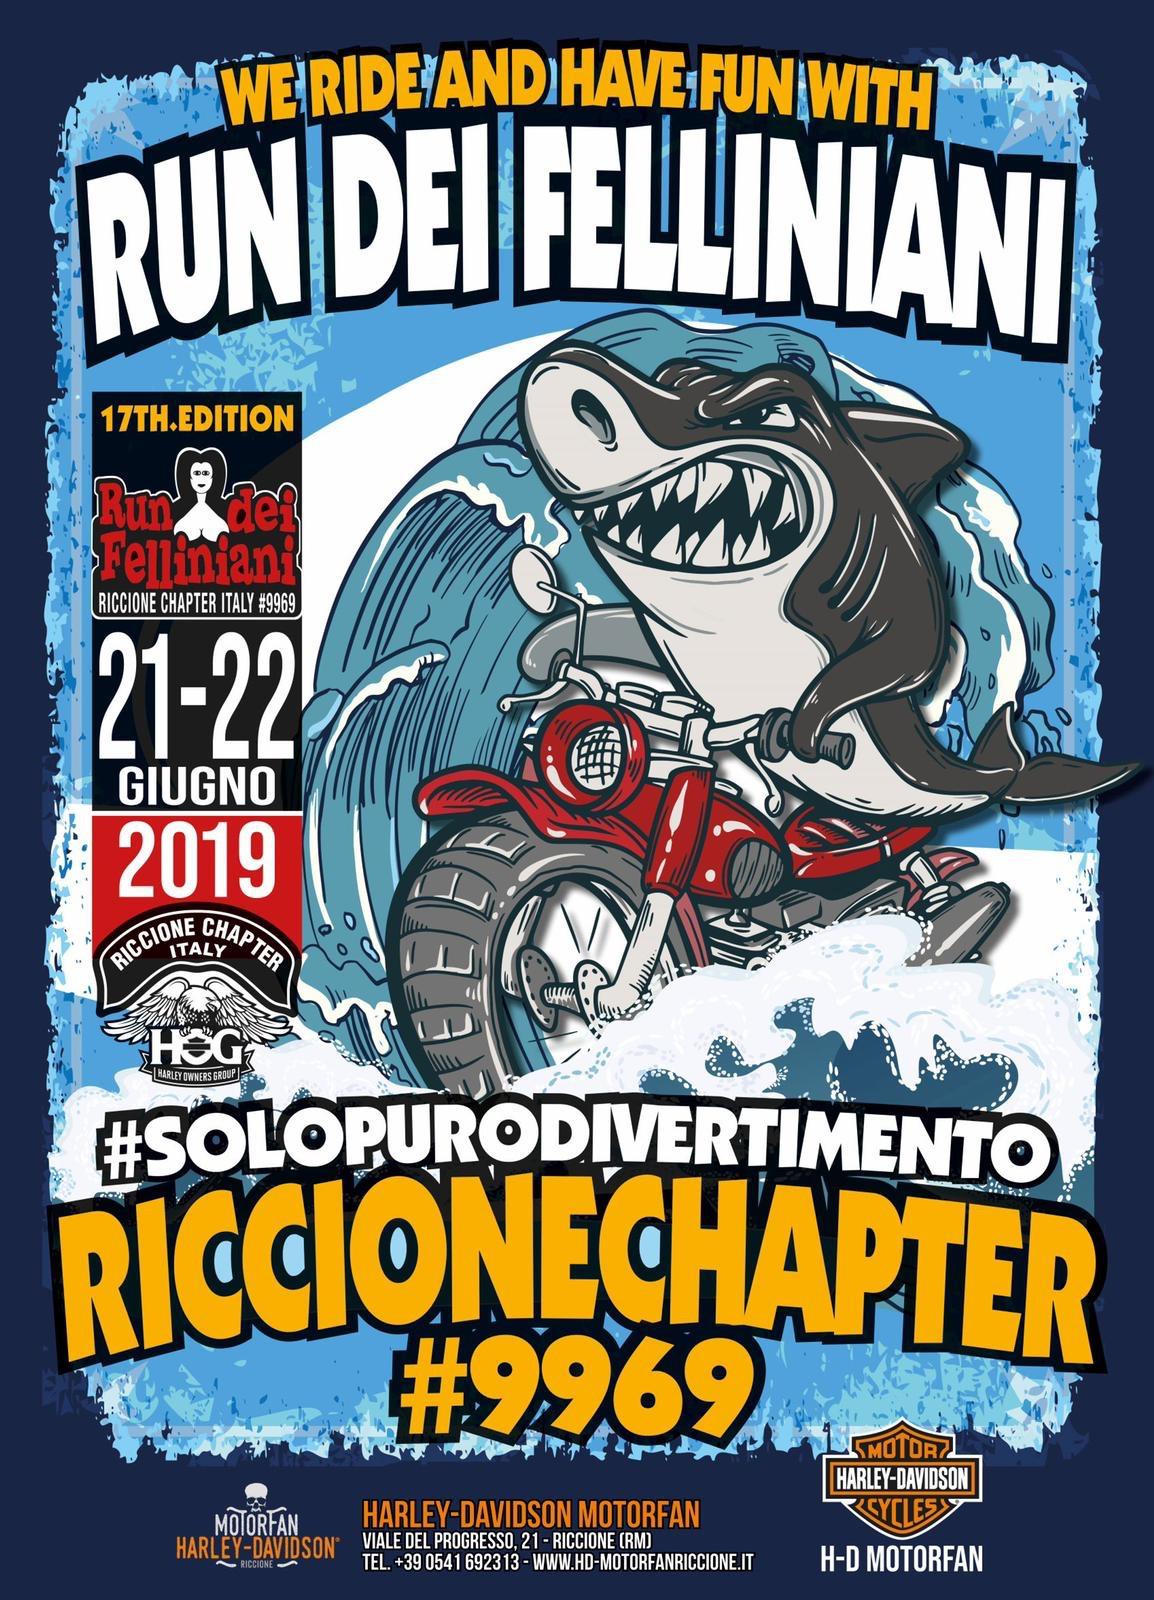 Run dei Felliniani by Riccione Chapter